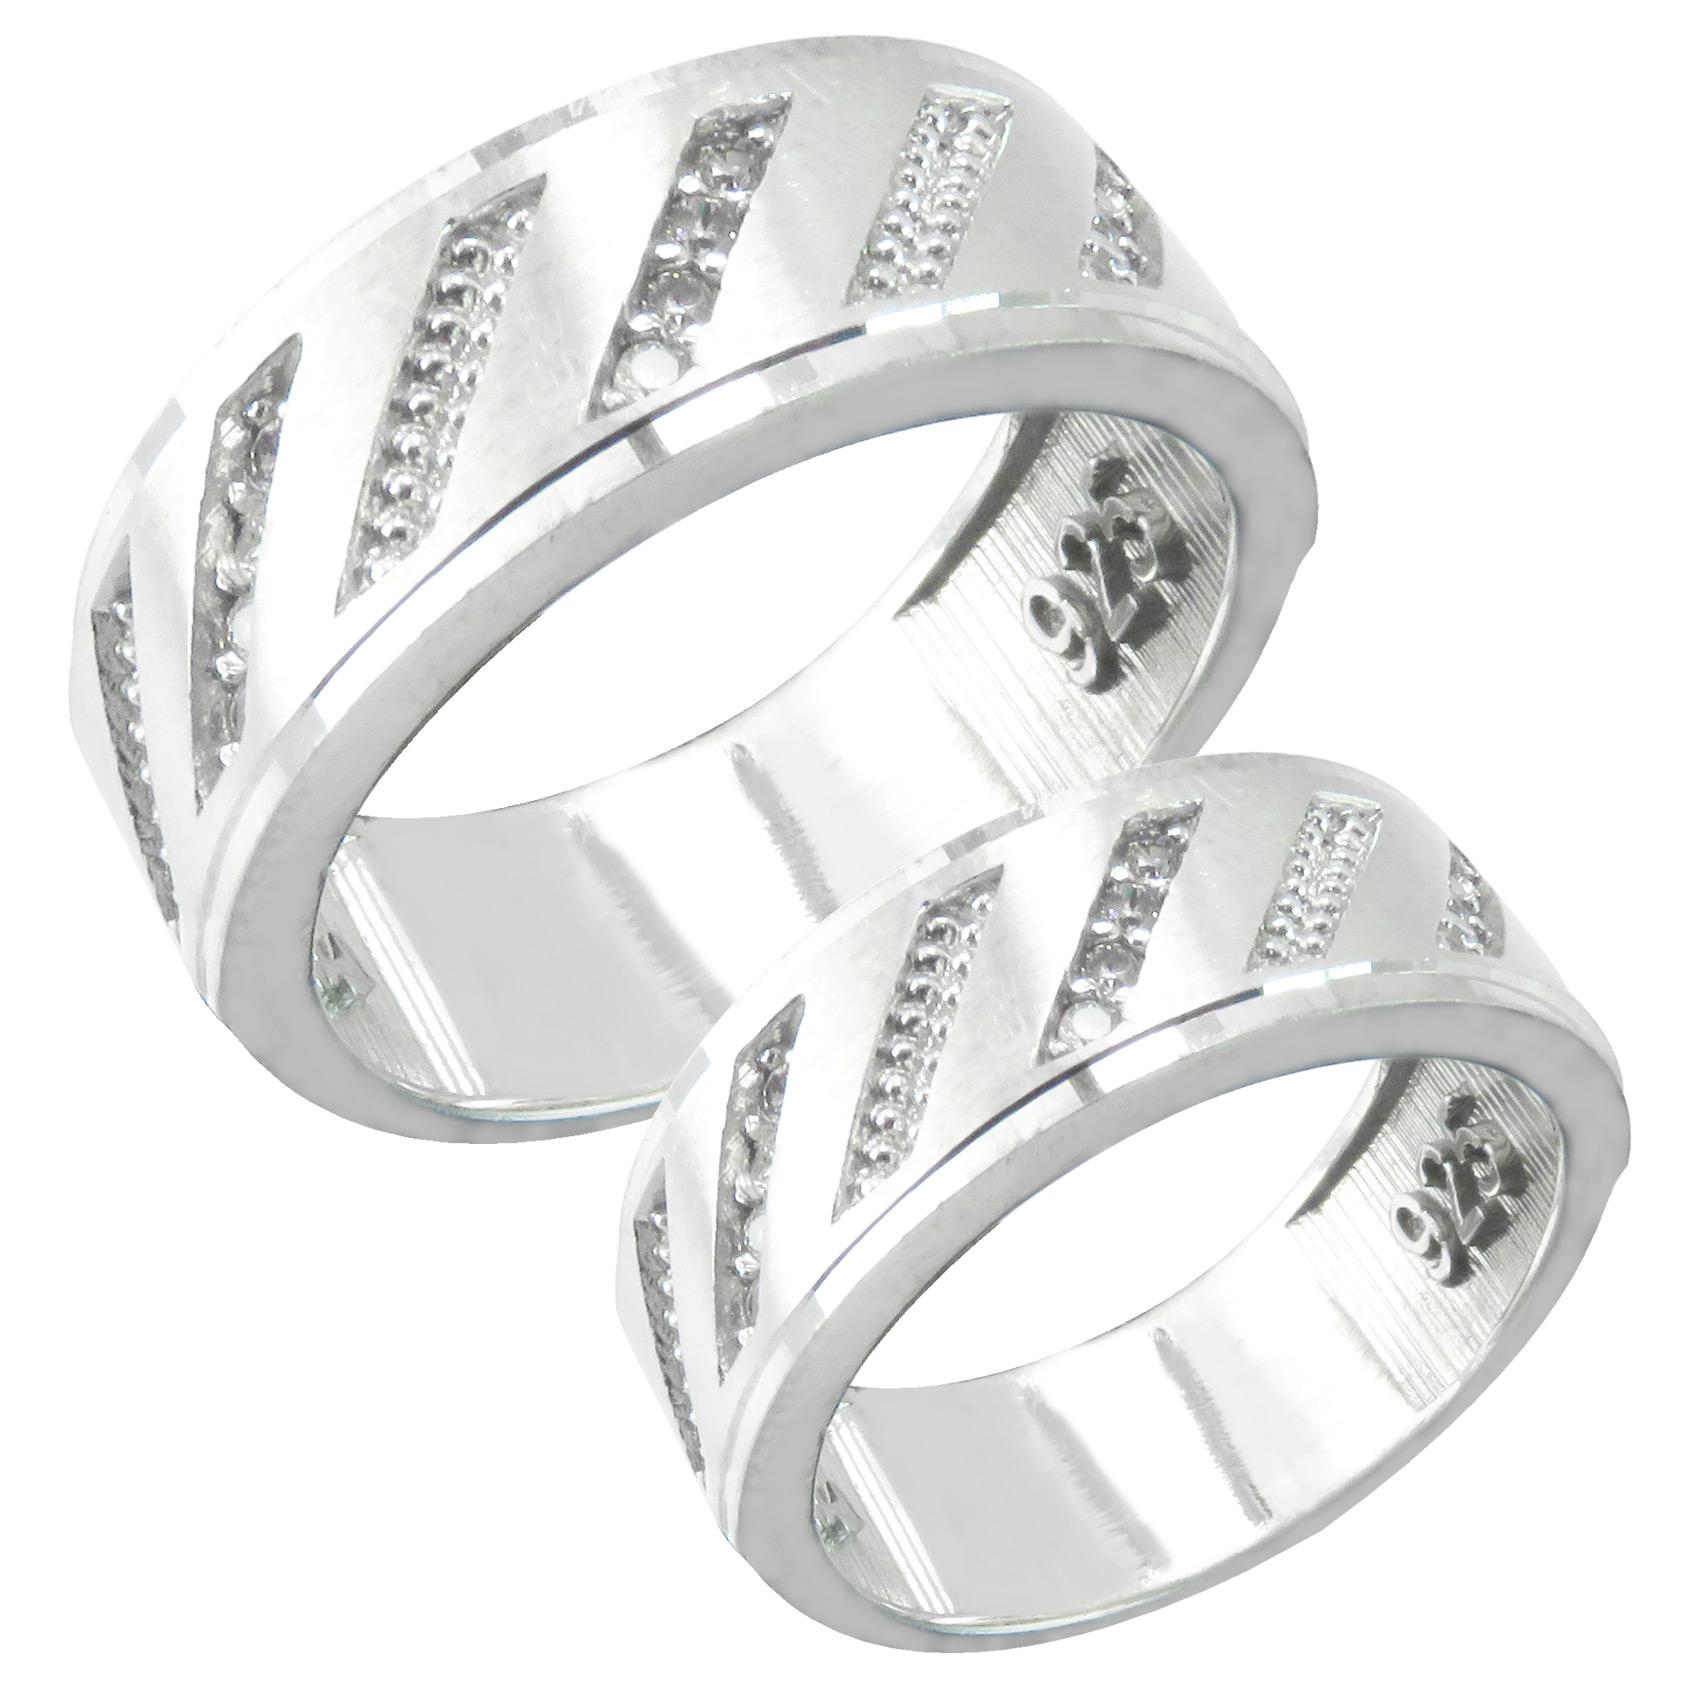 ست انگشتر نقره زنانه و مردانه کد AV157